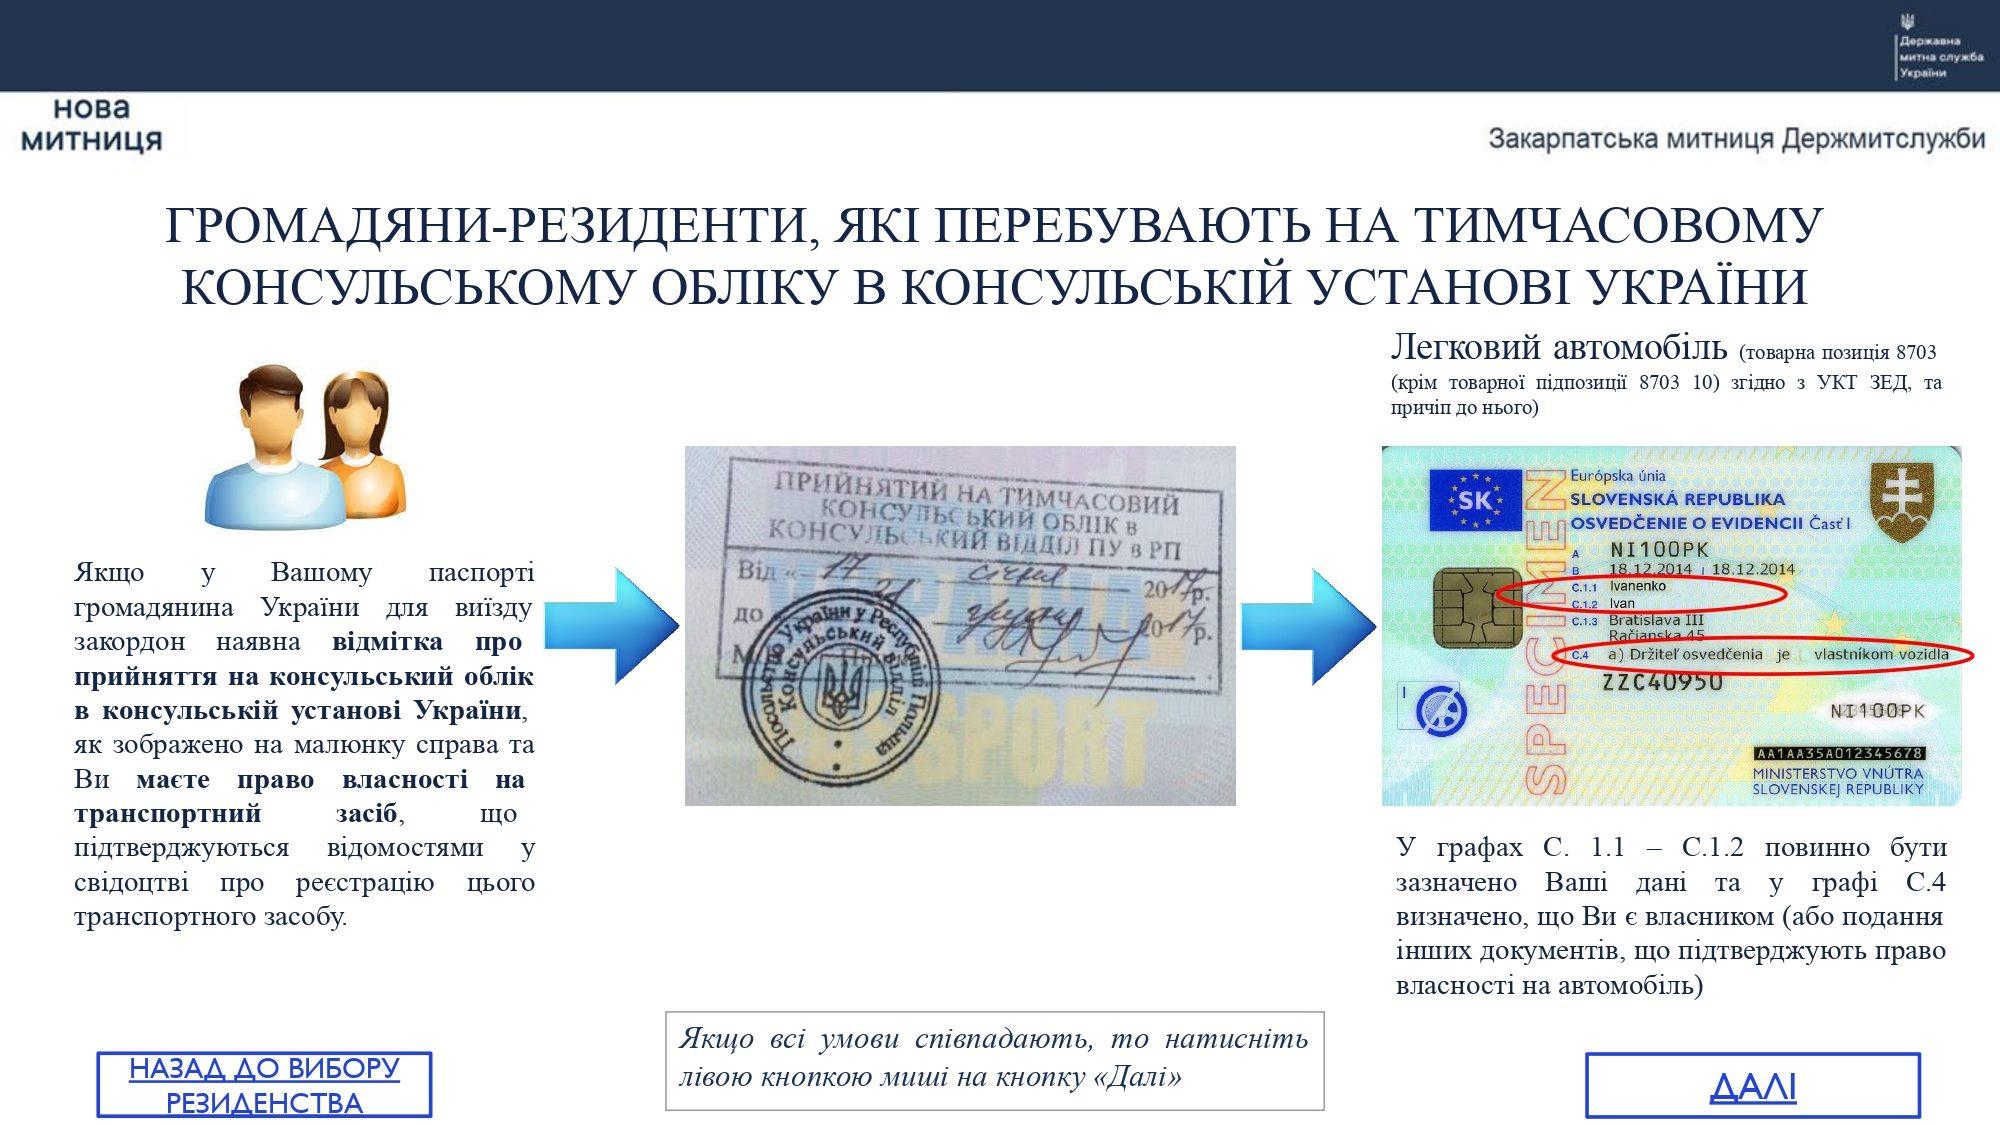 Условия ввоза авто для граждан-резидентов, которые числятся на учете в консульском учреждении в Украине